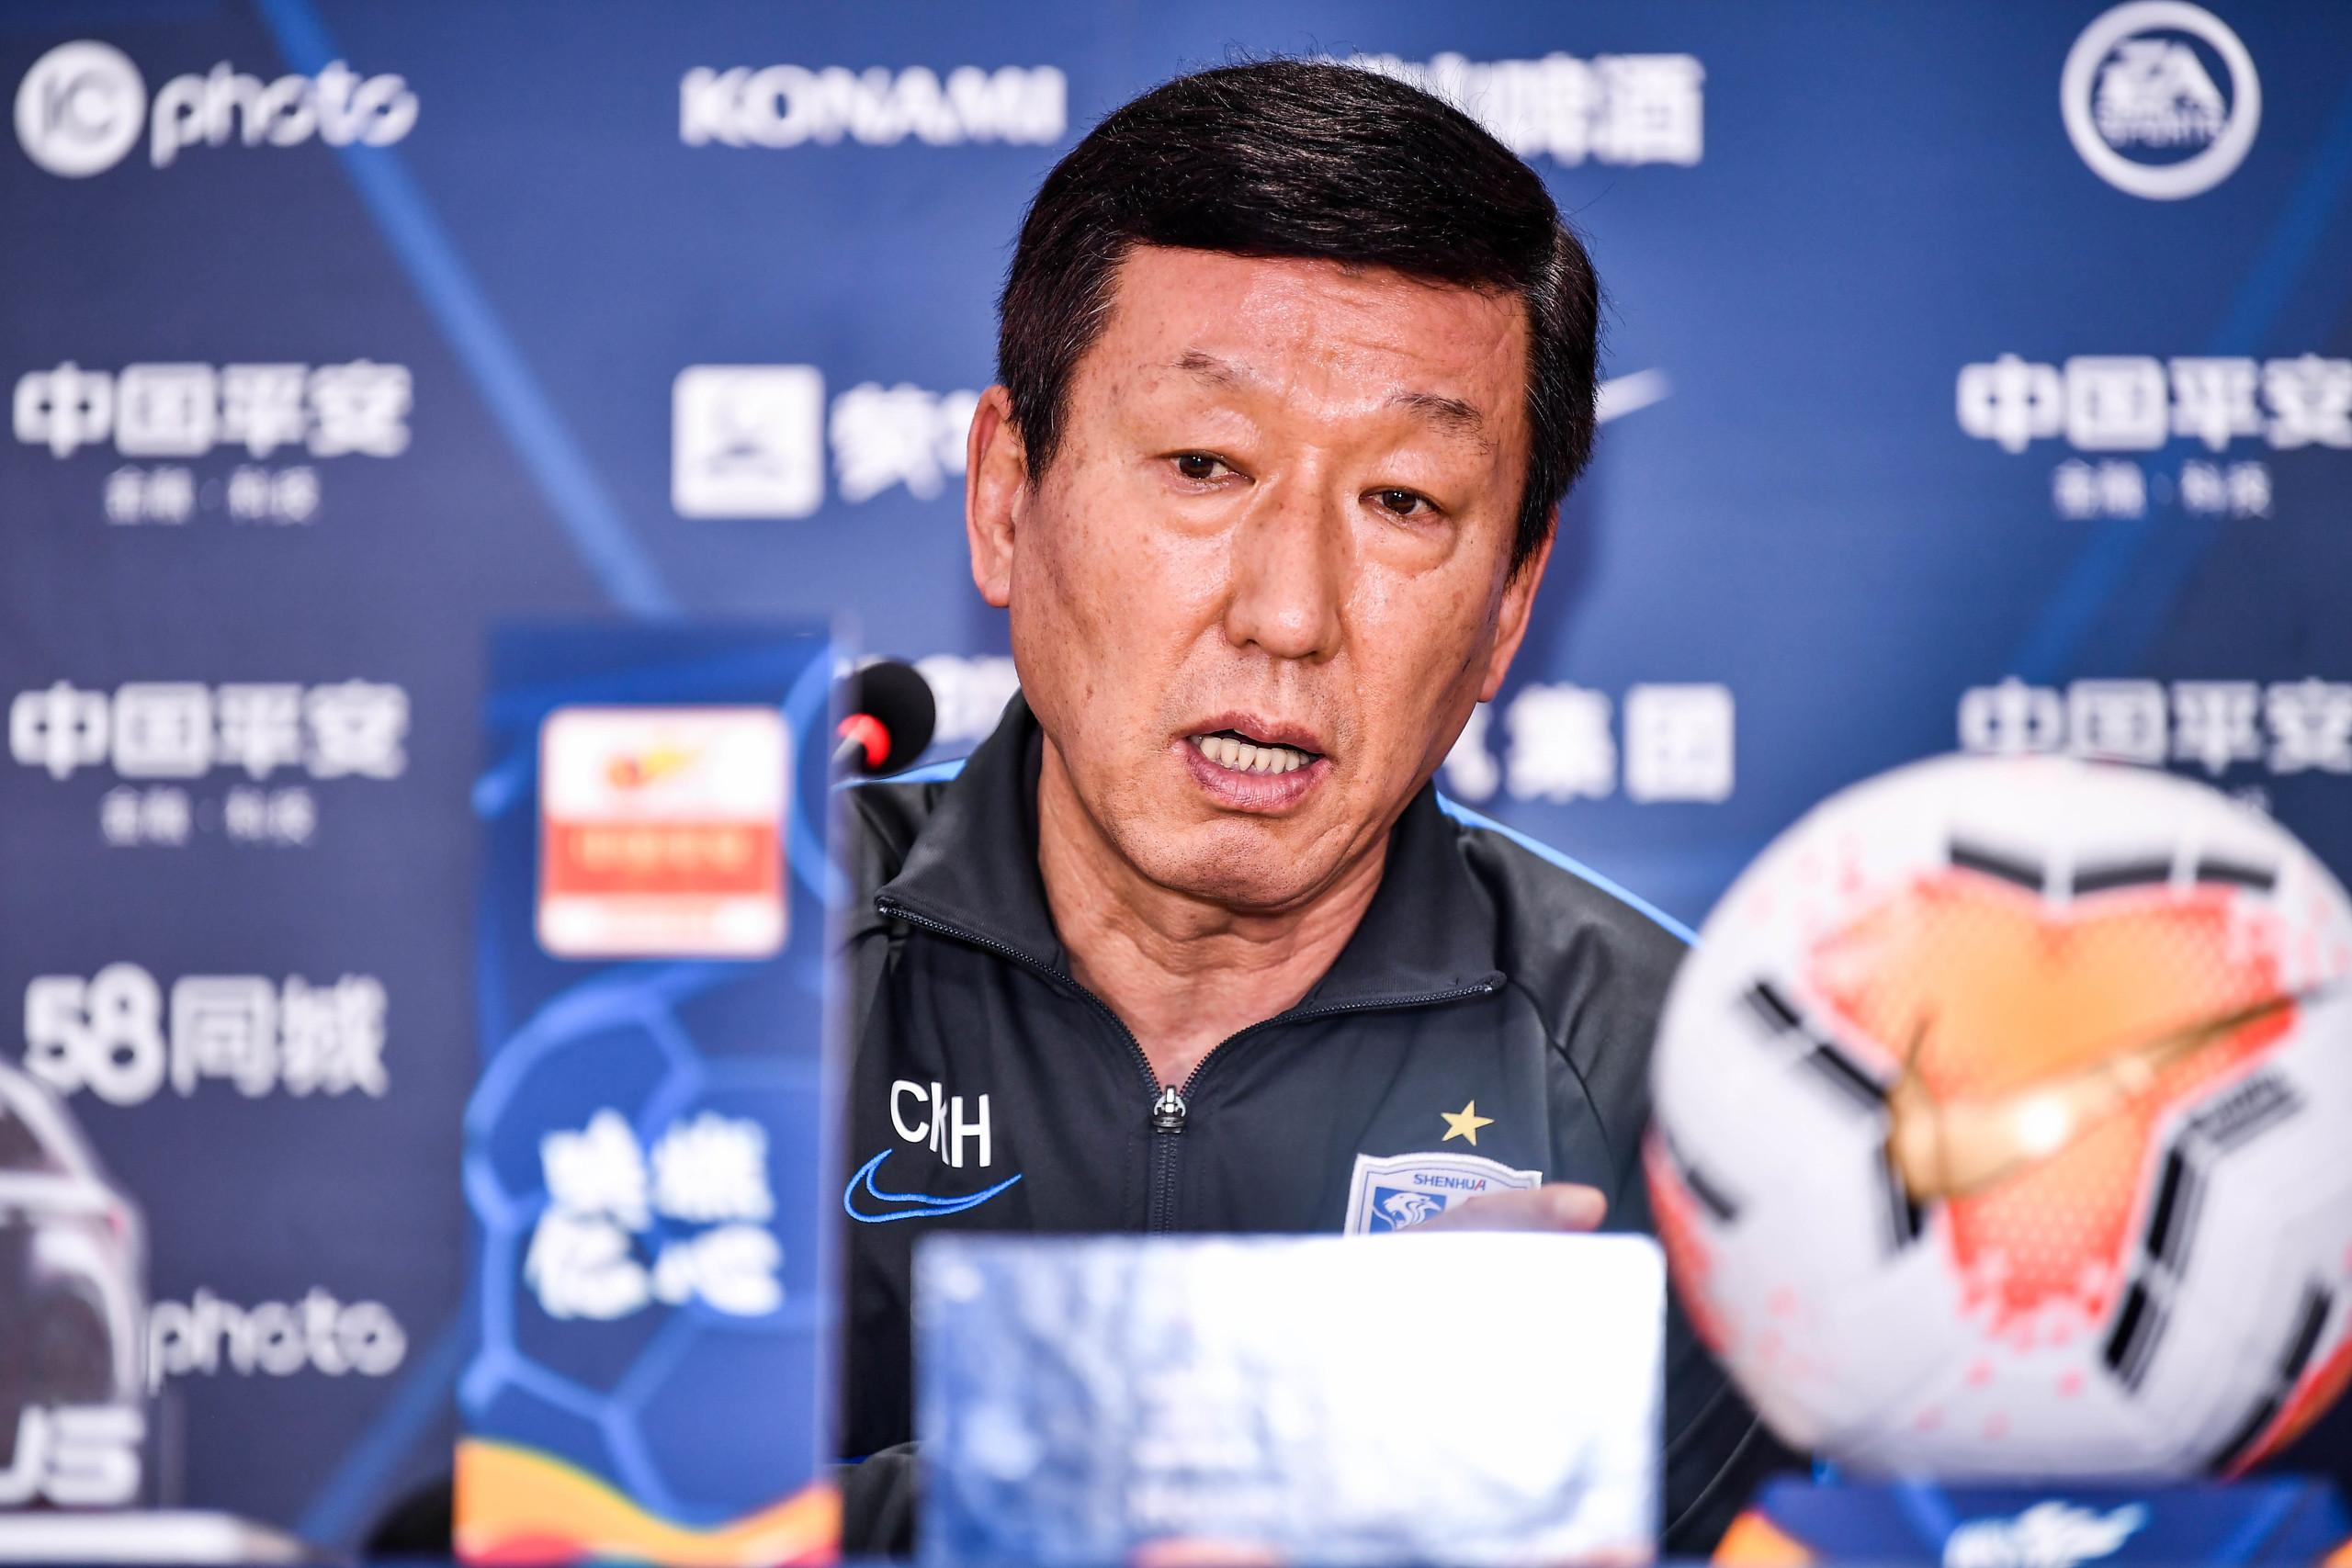 崔康熙:金信煜回来得给小毕打替补,中国球员太依赖外援